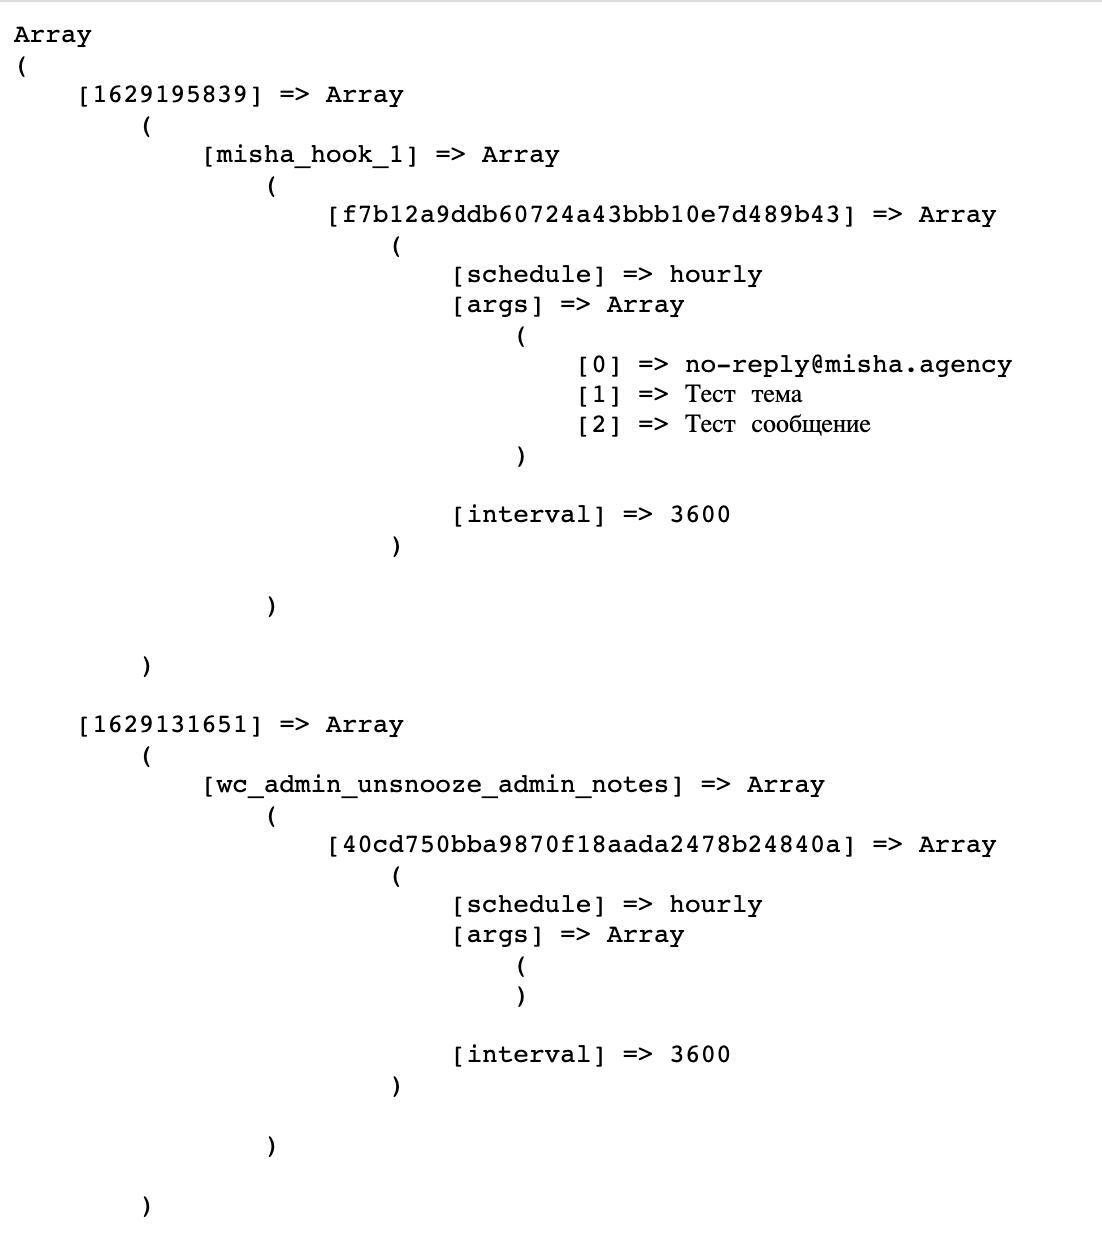 Выводим информацию о запланированных задачах через код.